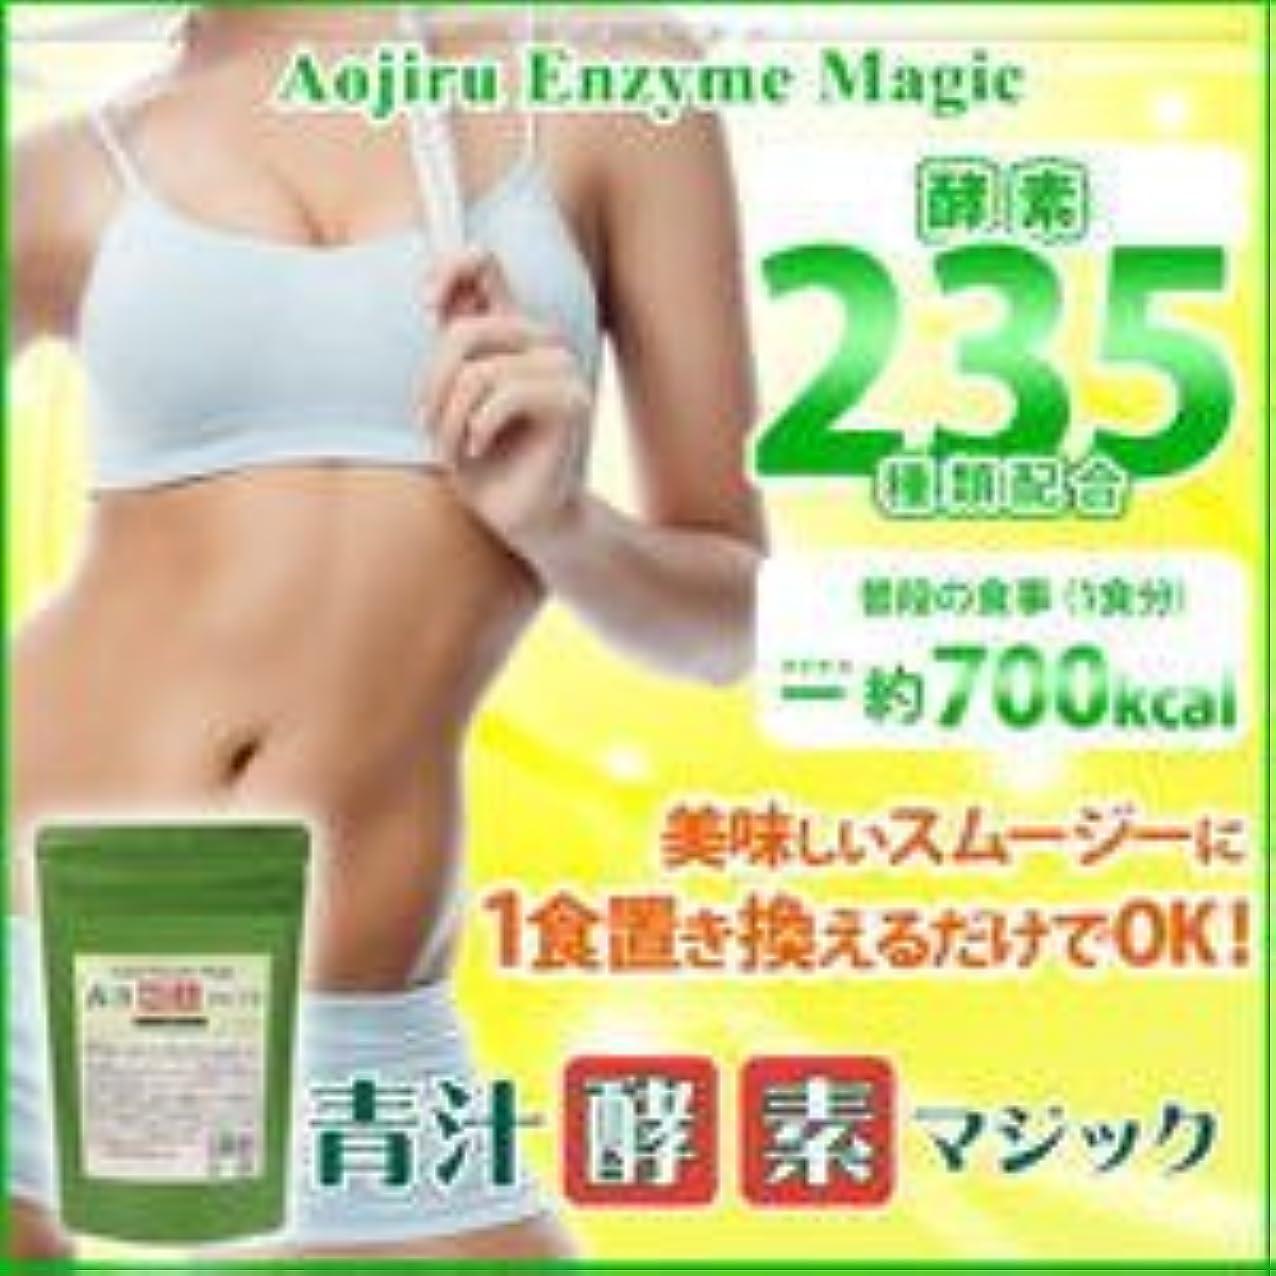 カテゴリーパンツ司書【 ☆☆ 青汁酵素マジック 】美味しく健康に1食置き換えてダイエット!続かないダイエットなんてさようなら!